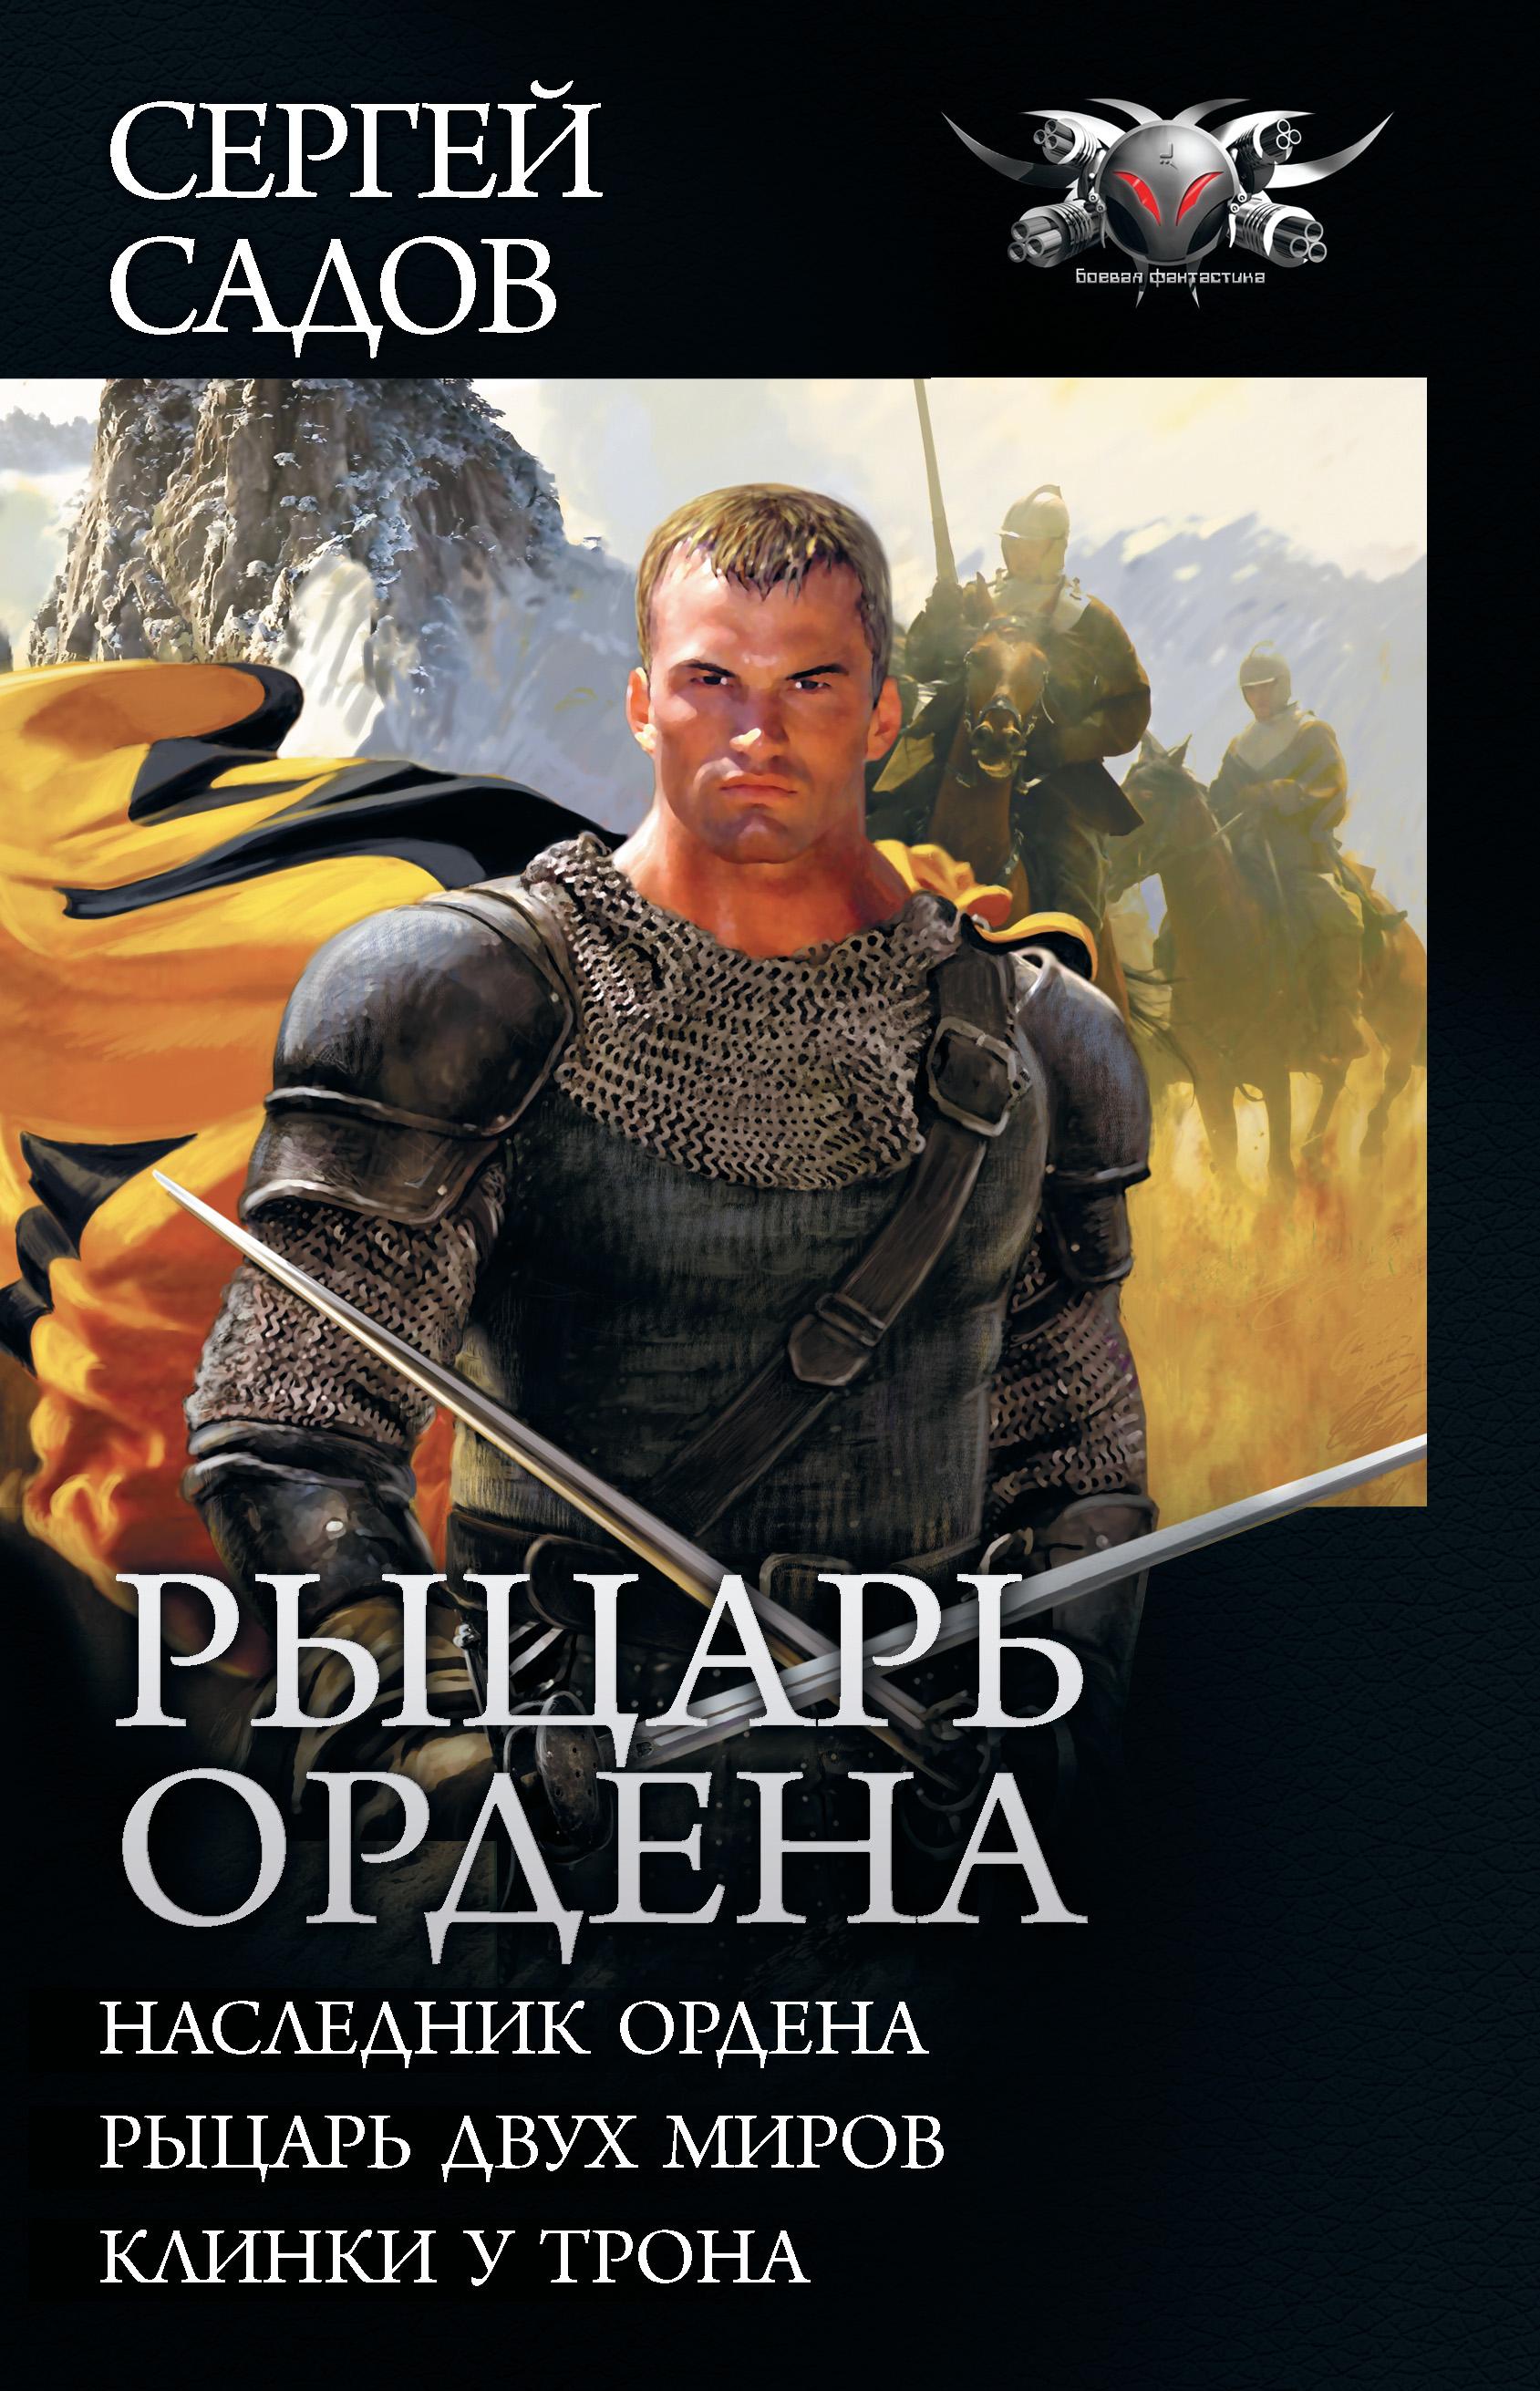 Рыцарь Ордена: Наследник Ордена. Рыцарь двух миров. Клинки у трона (сборник)